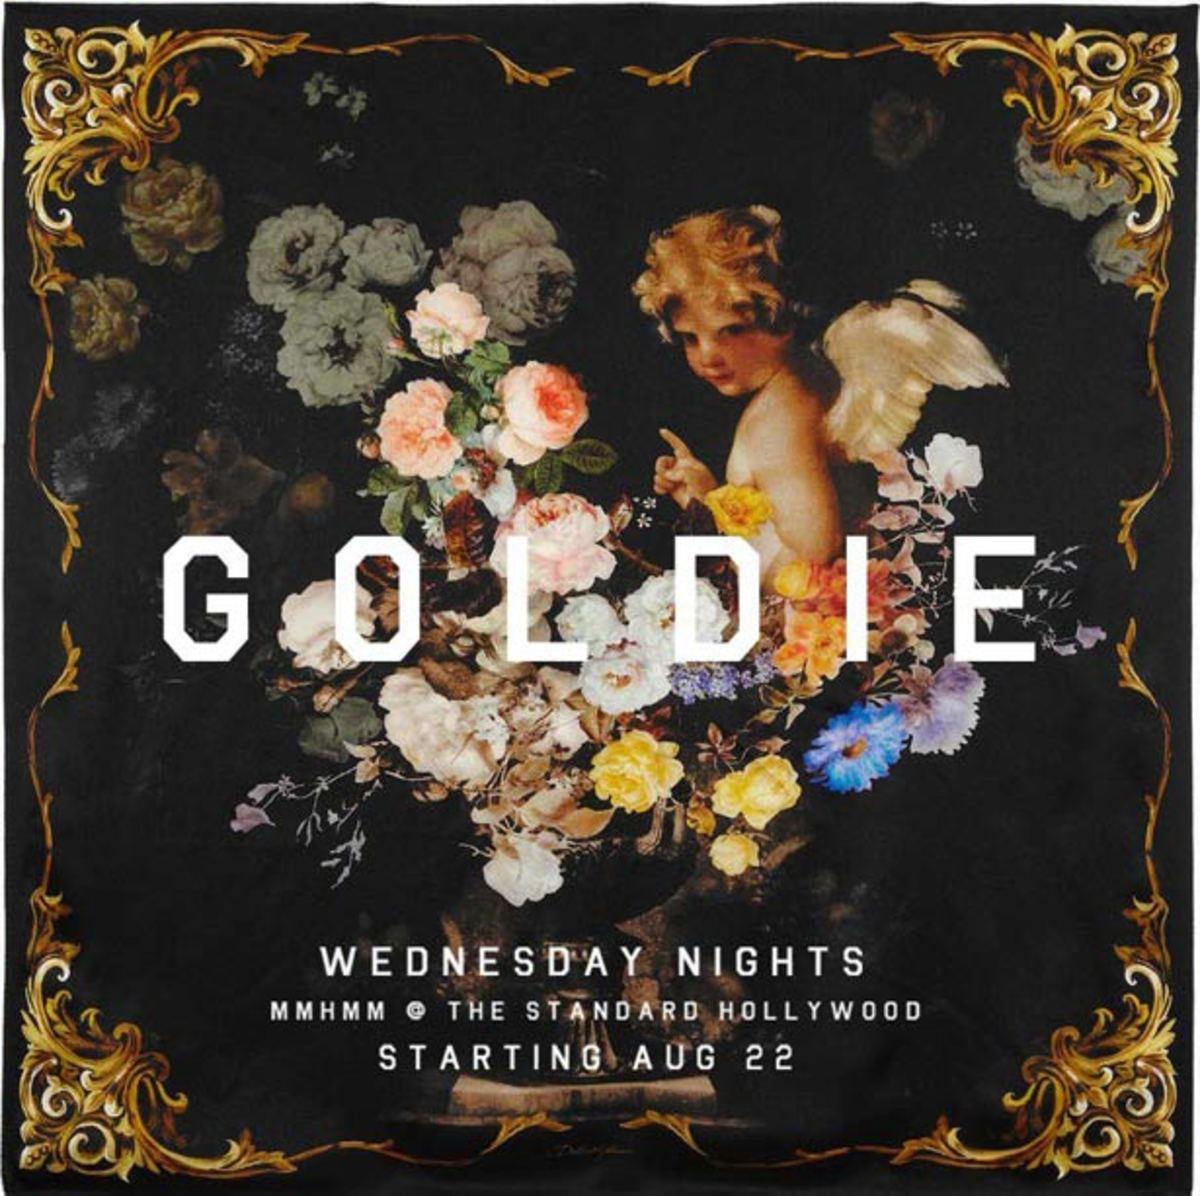 New Night Alert: Goldie